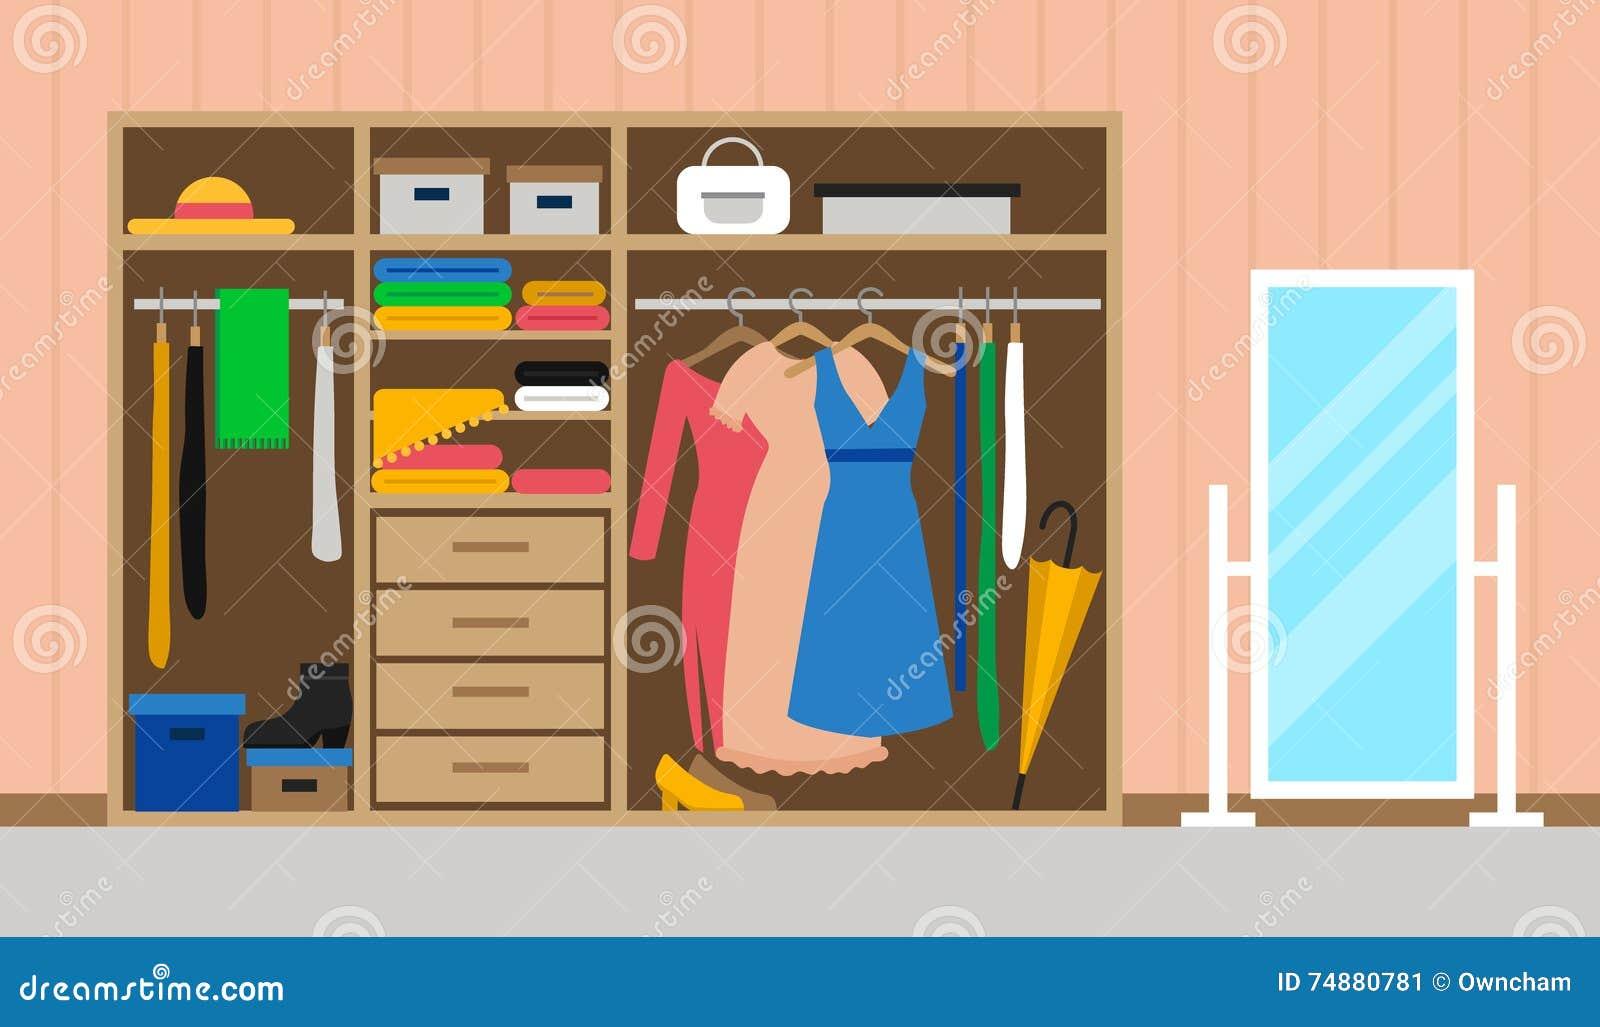 Sala com vestuário e espelho